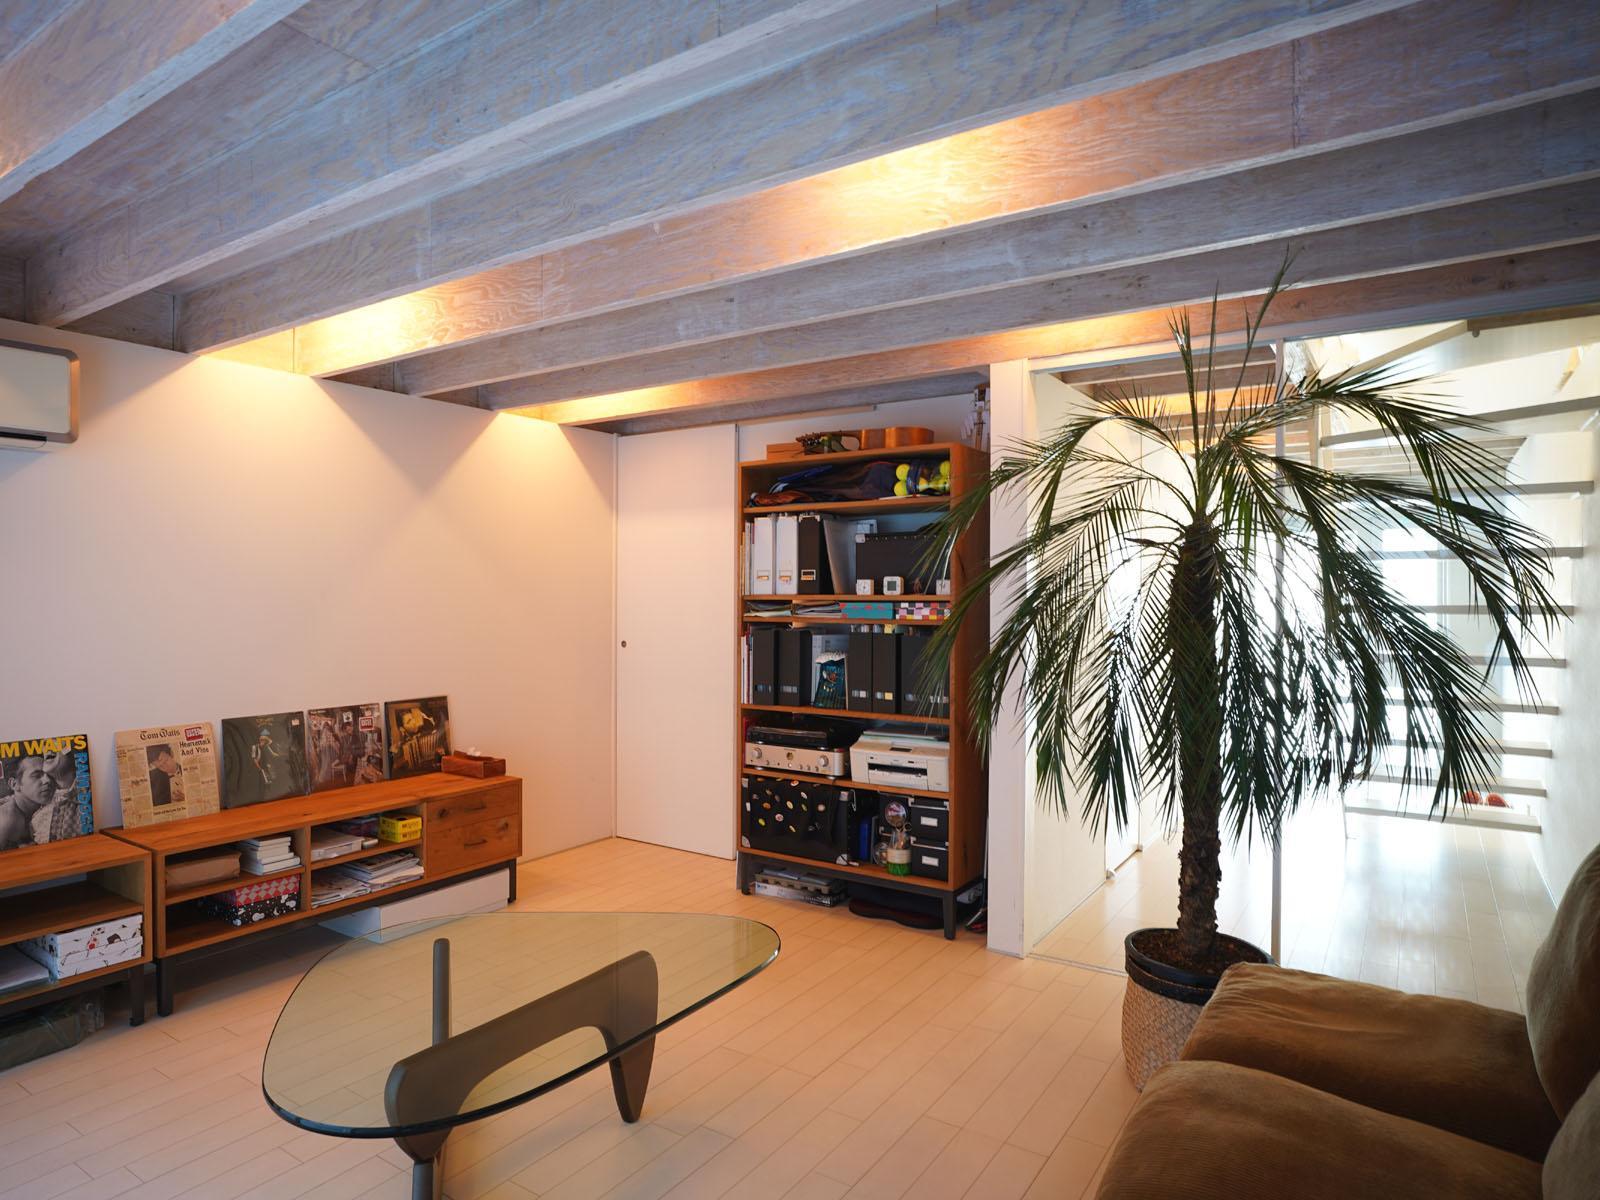 1階:遊び心を発揮したくなる部屋、玄関から直通のミニオフィスにも